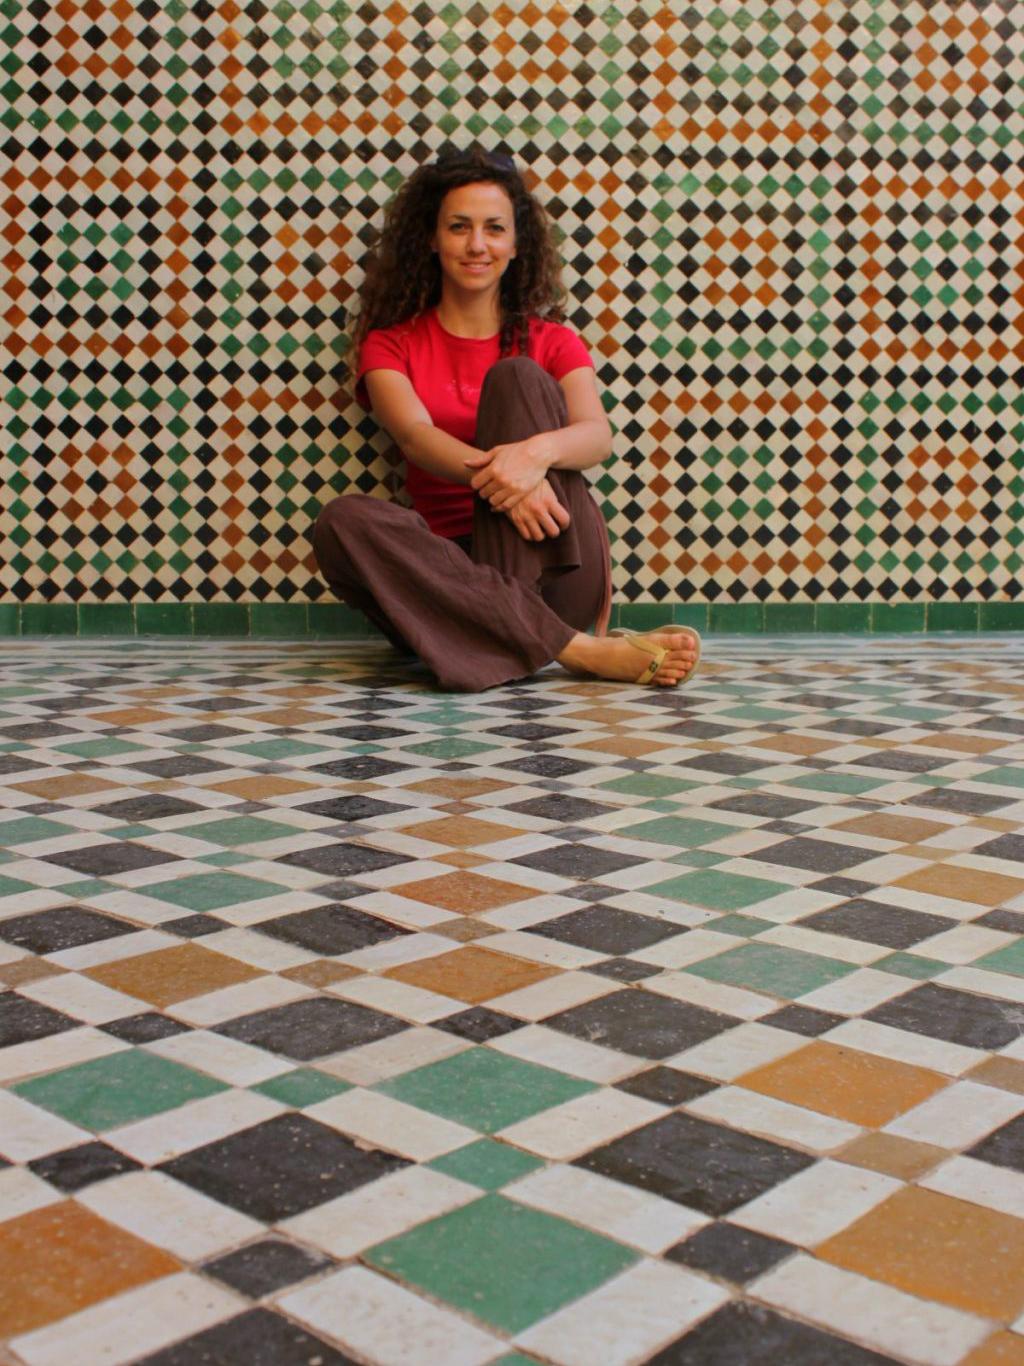 Potovanje_v_Jordanijo_-_Travelling_to_Jordan_101.jpg